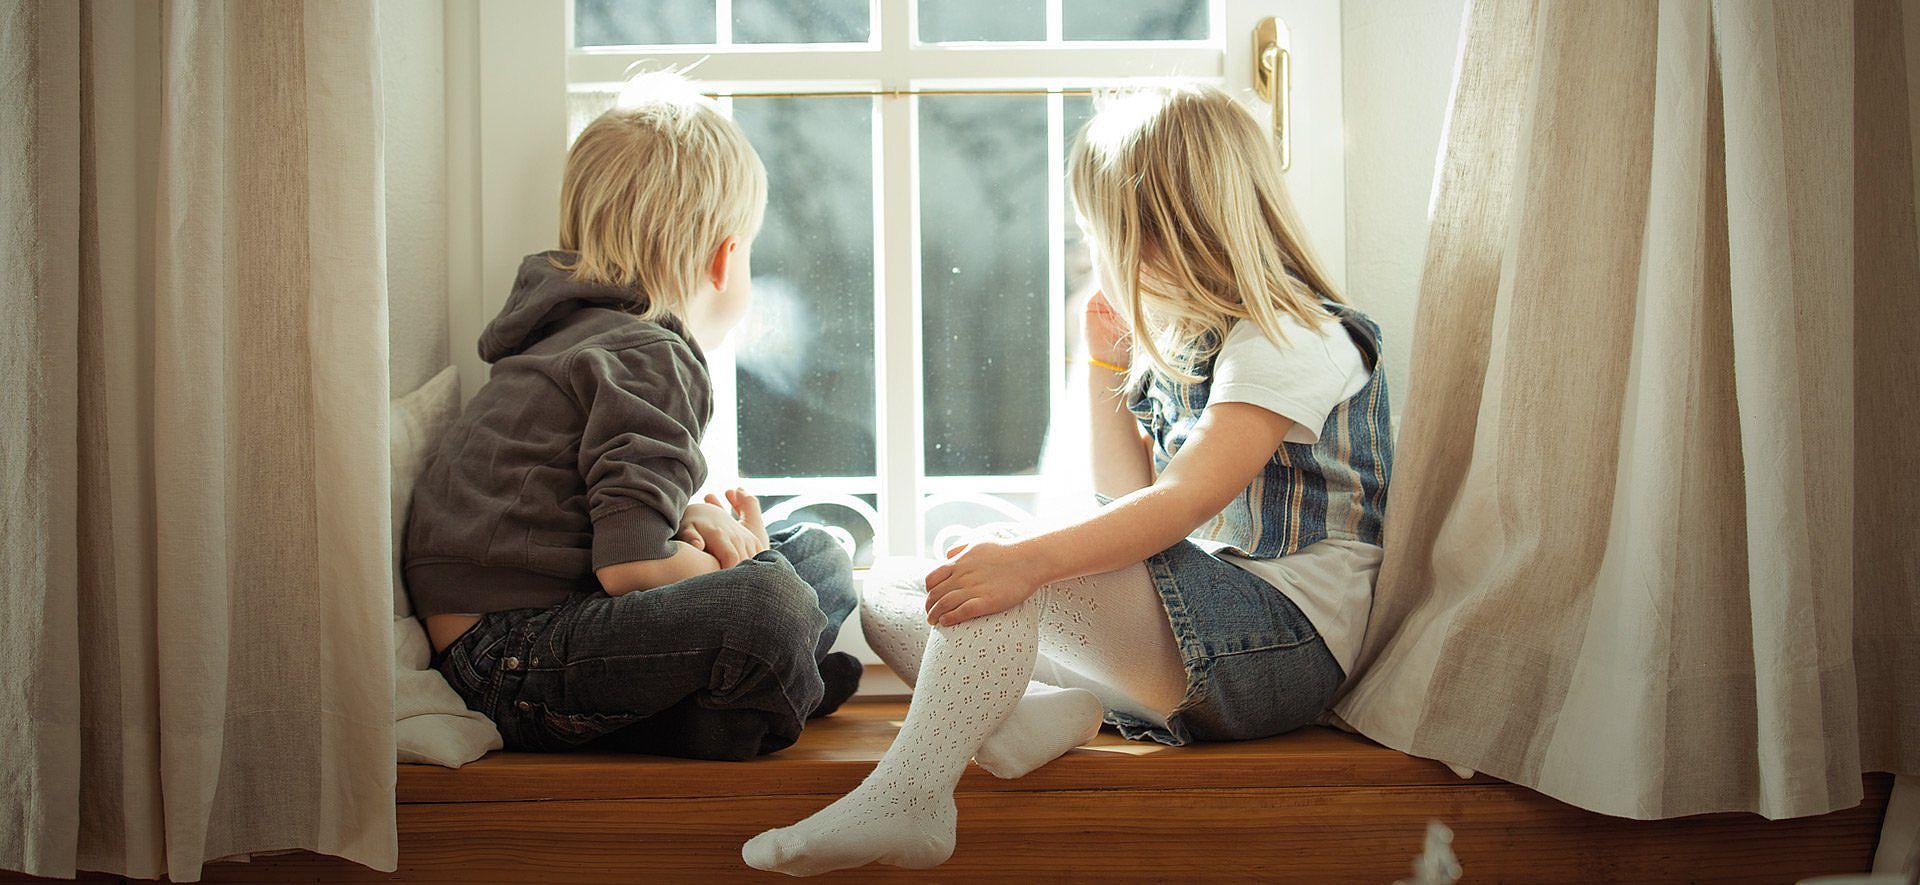 Kinder auf Fensterbank sitzend